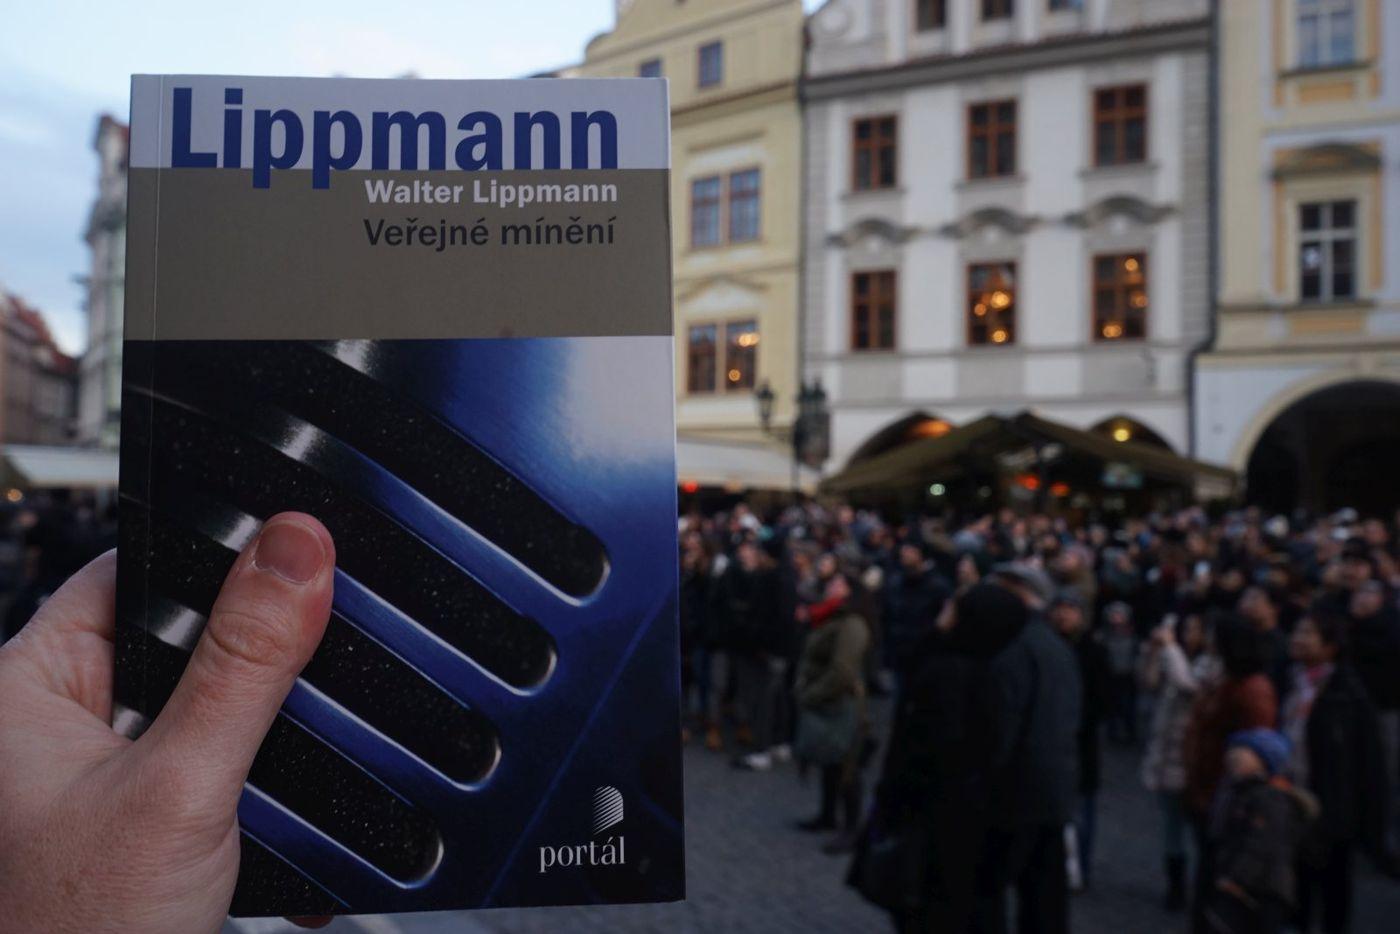 Walter Lippmann: Veřejné mínění